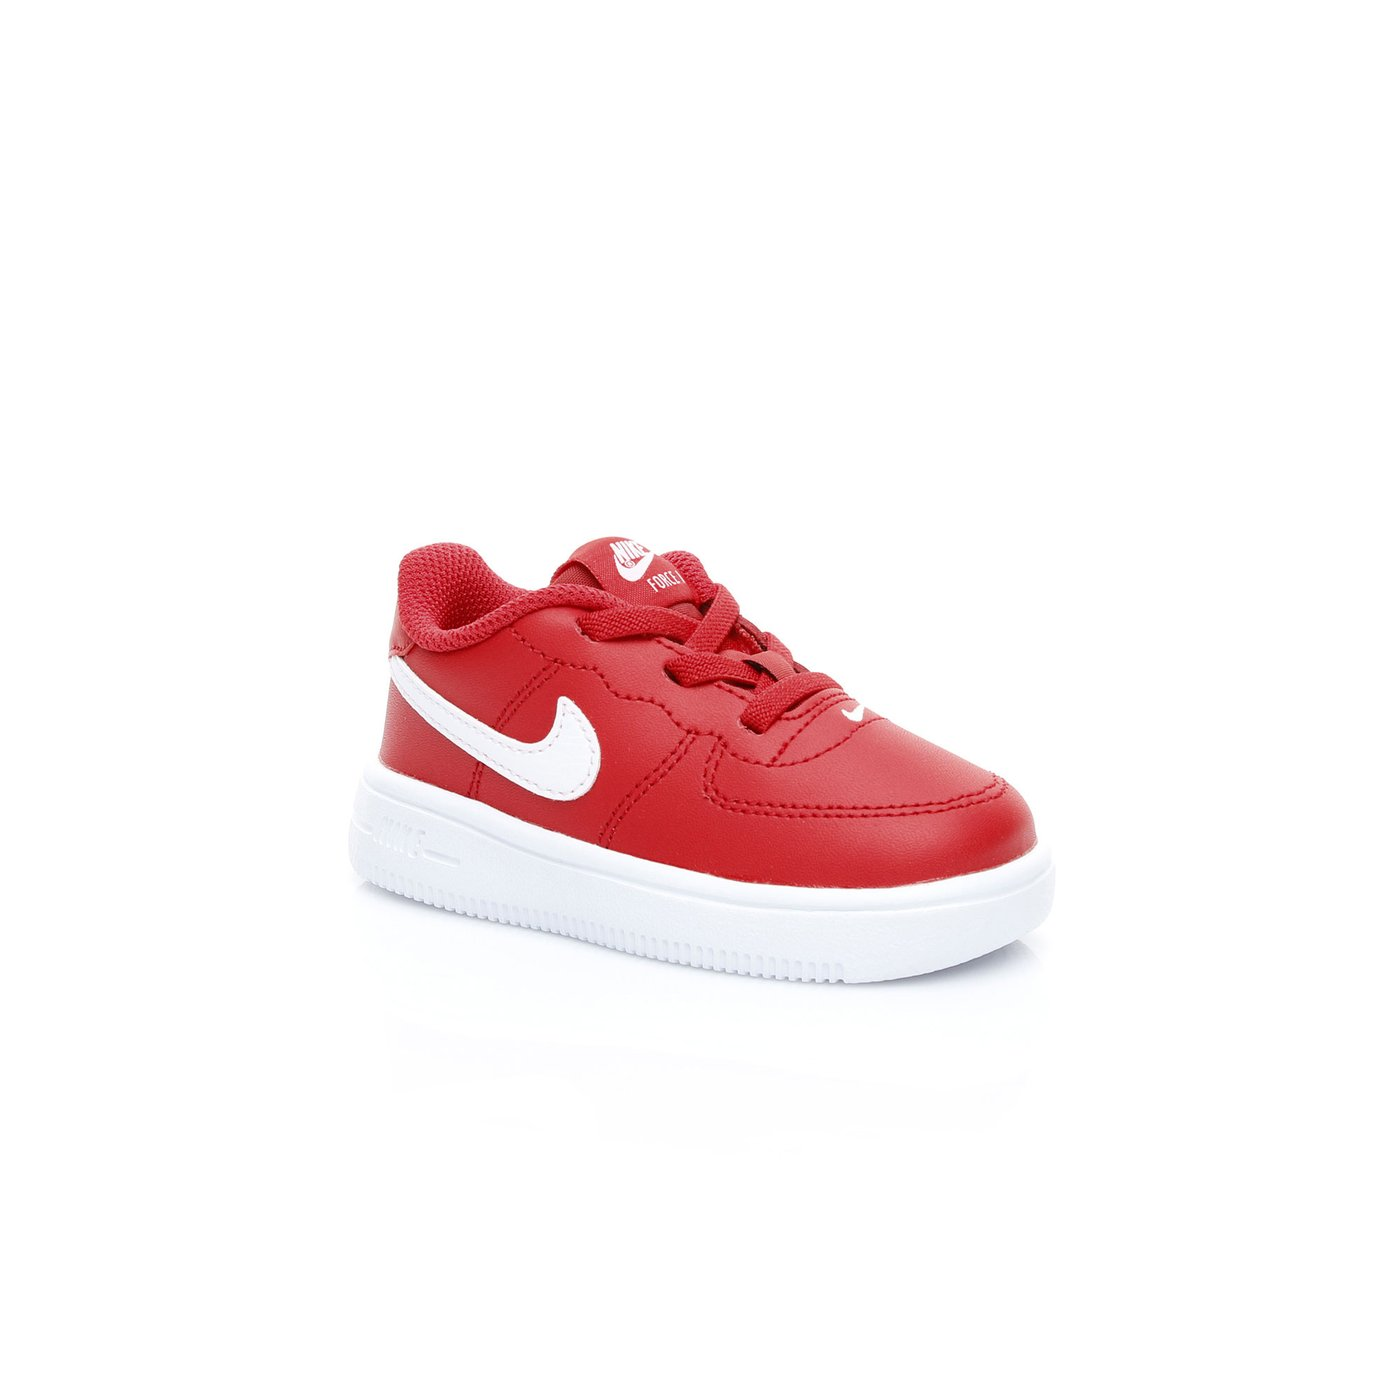 Nike Air Force 1 ' 18 Çocuk Kırmızı Sneaker